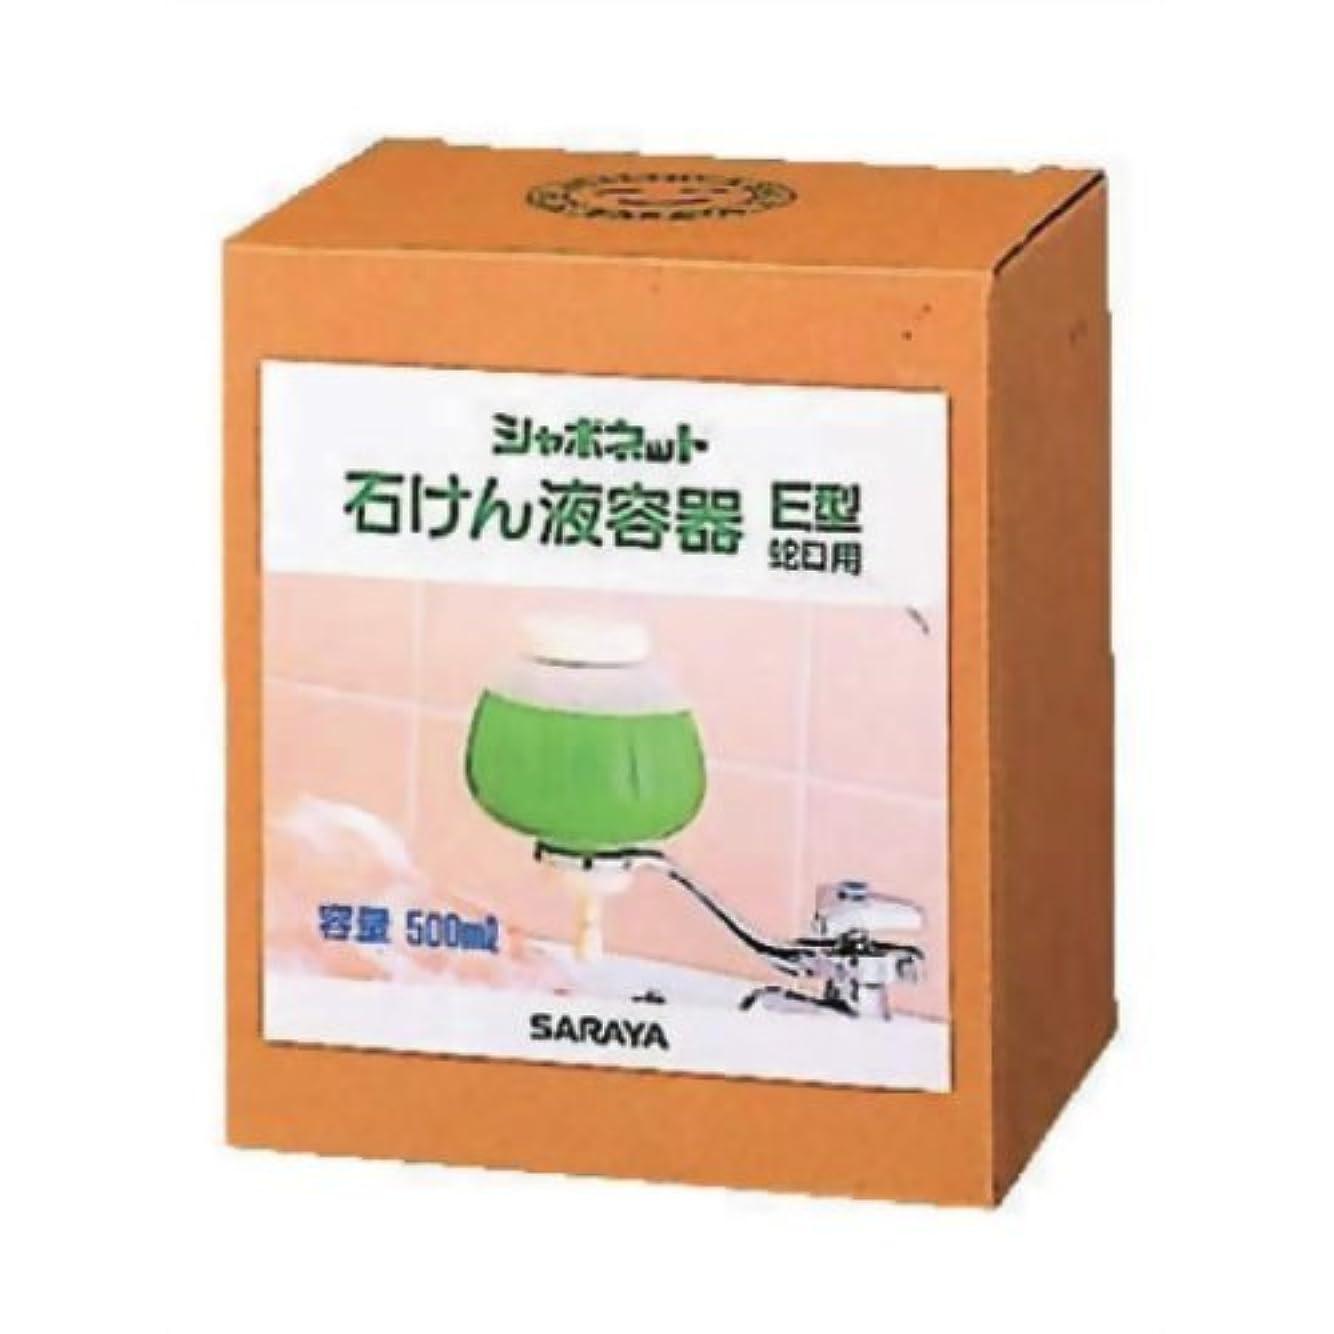 温かい鯨メタルラインシャボネット 石鹸液容器 E型蛇口用 500ml